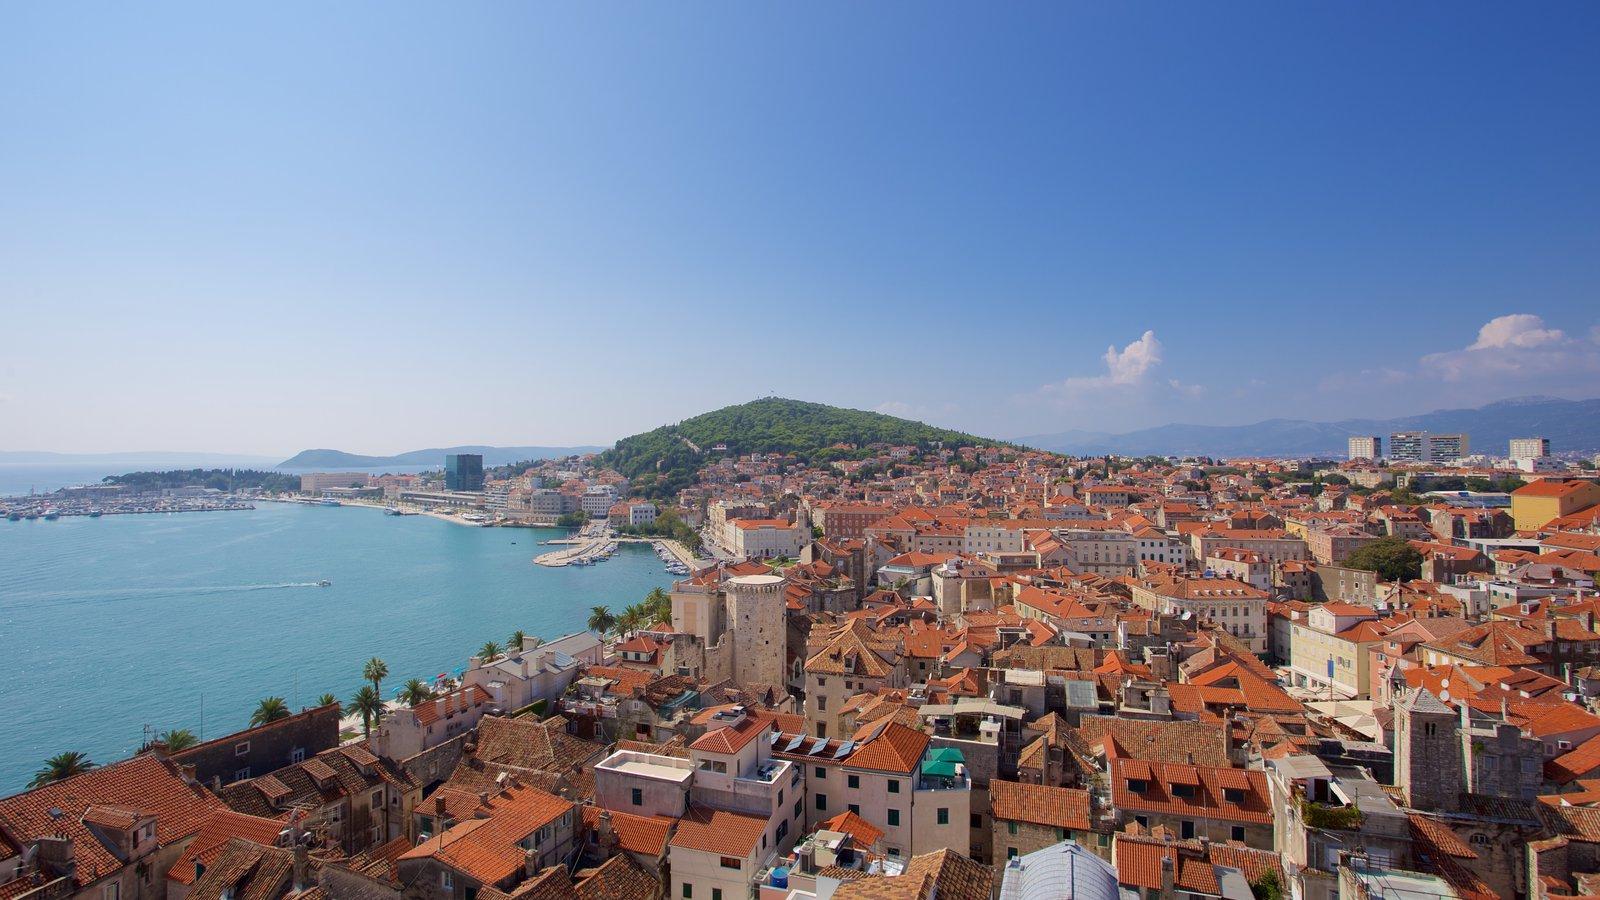 Palacio de Diocleciano mostrando una ciudad, vistas de paisajes y vistas generales de la costa